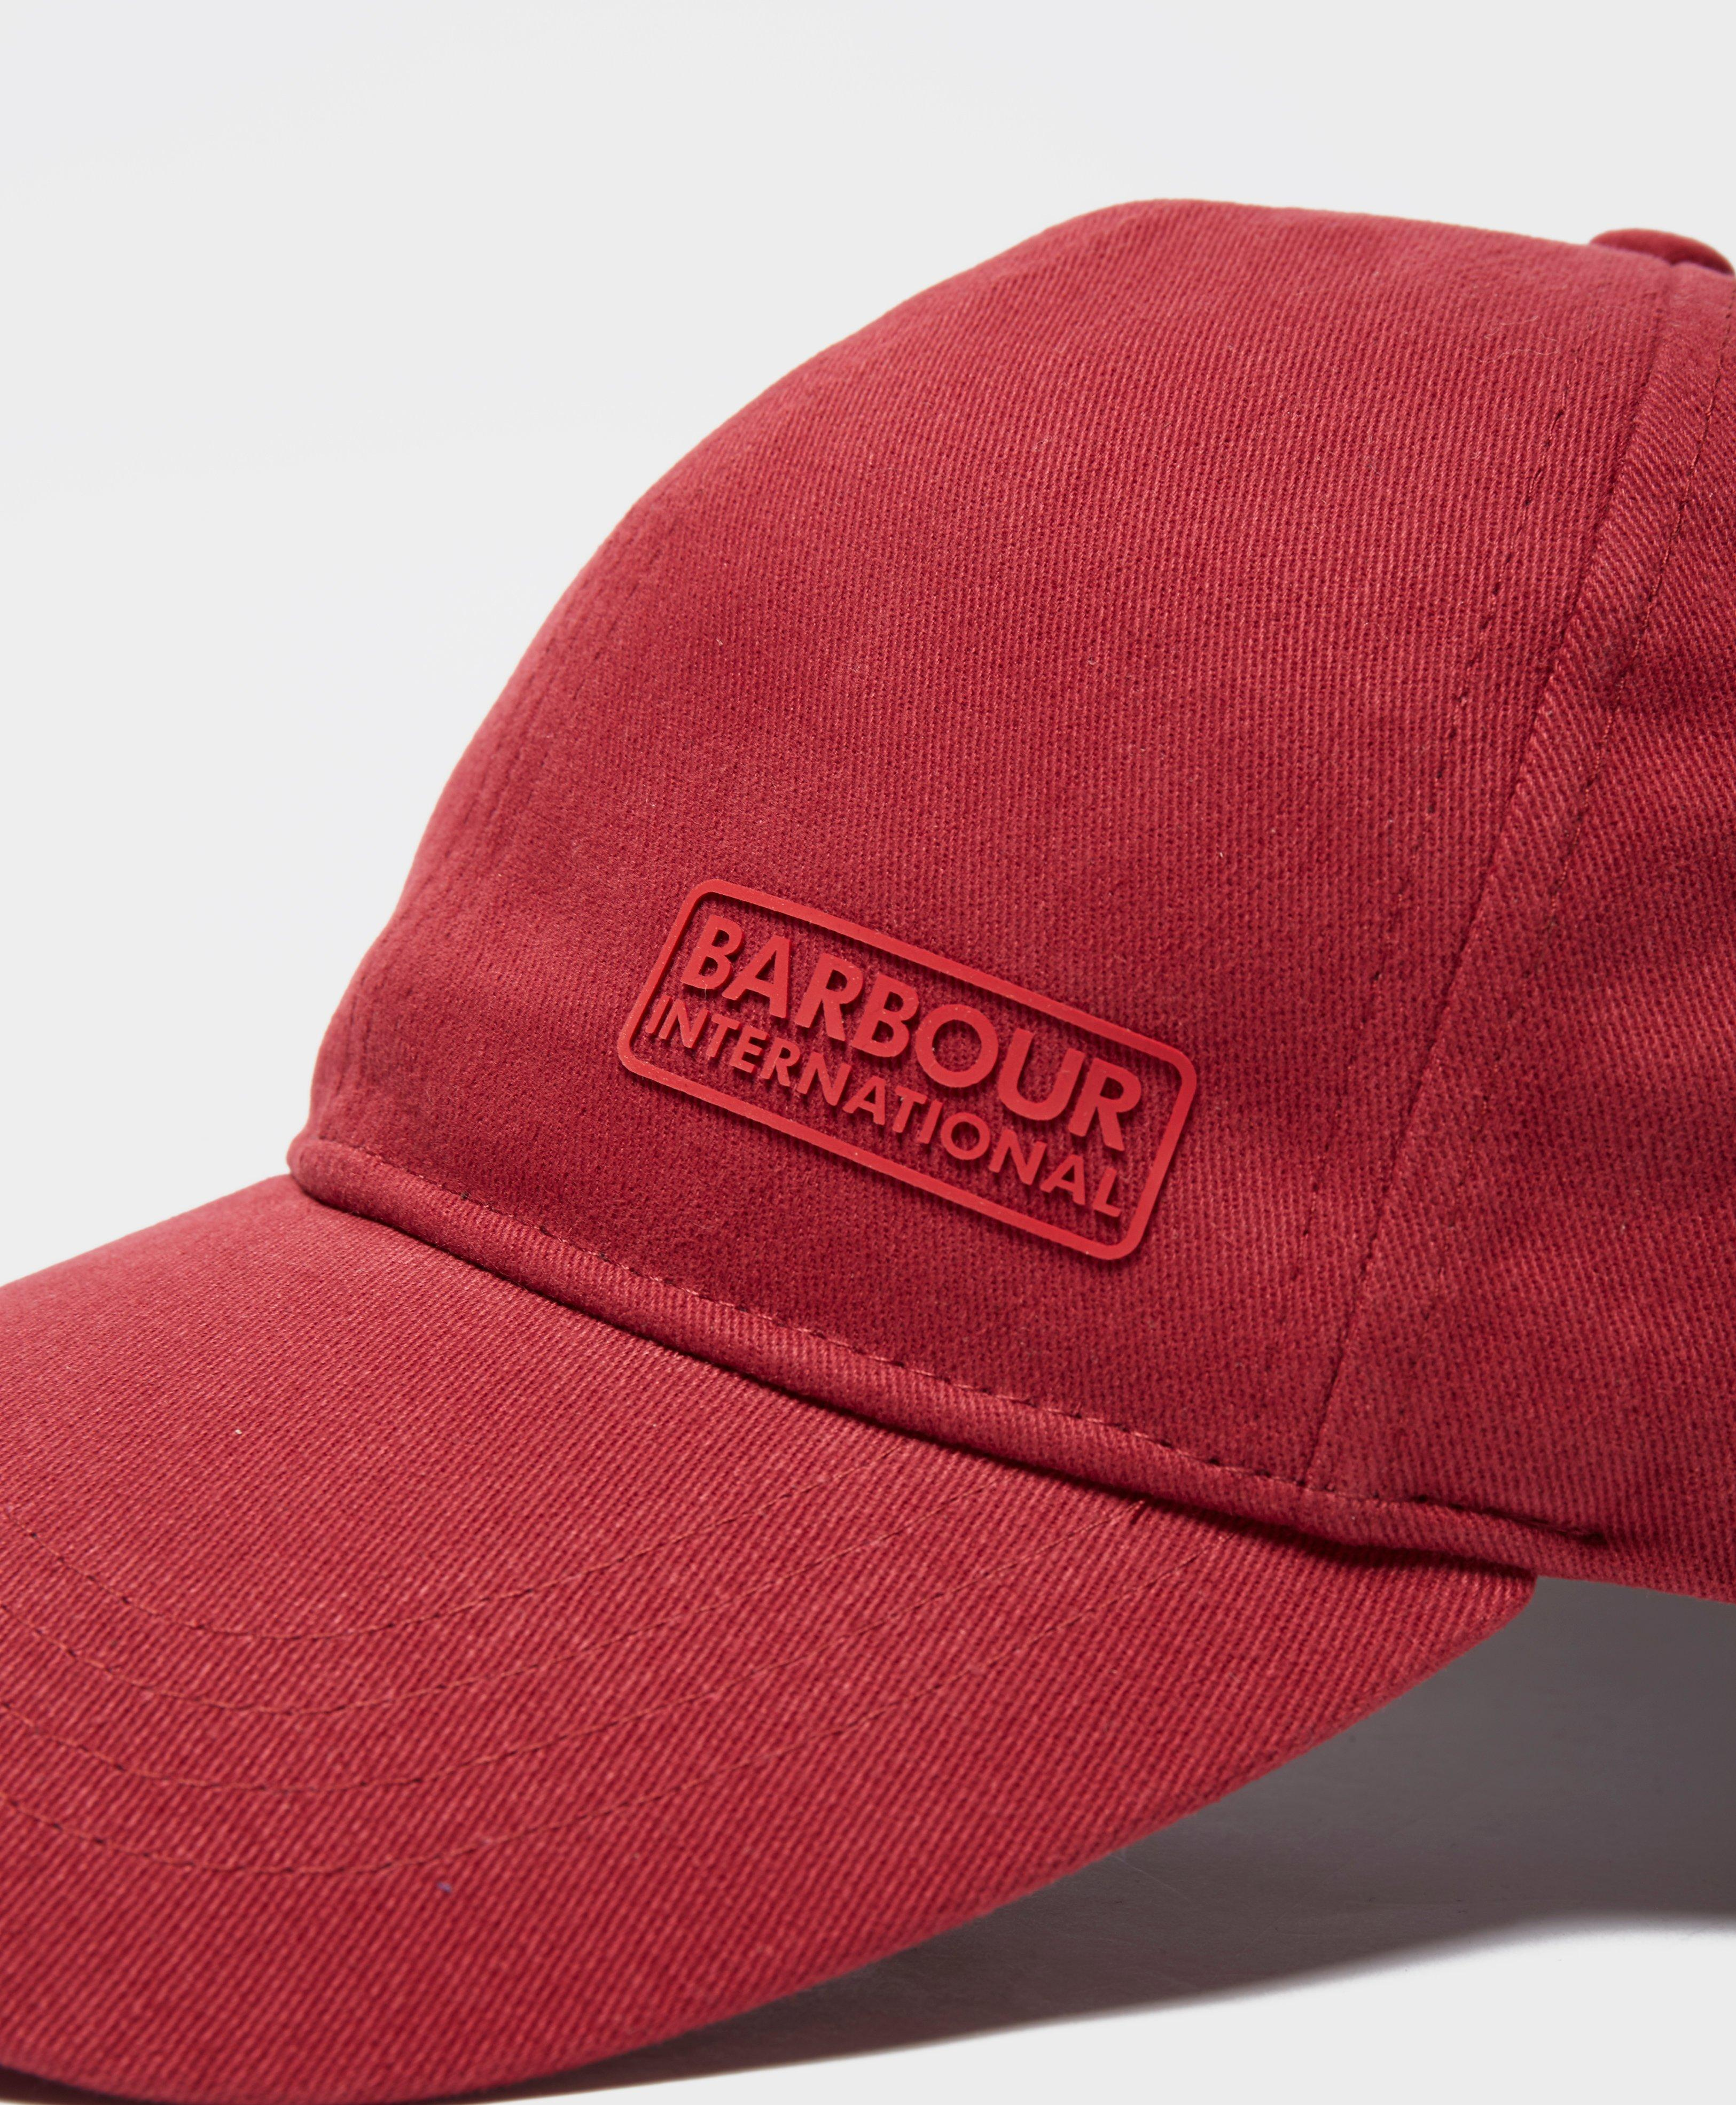 4ab4c9e5c26 Barbour International Norton Drill Cap in Red for Men - Lyst